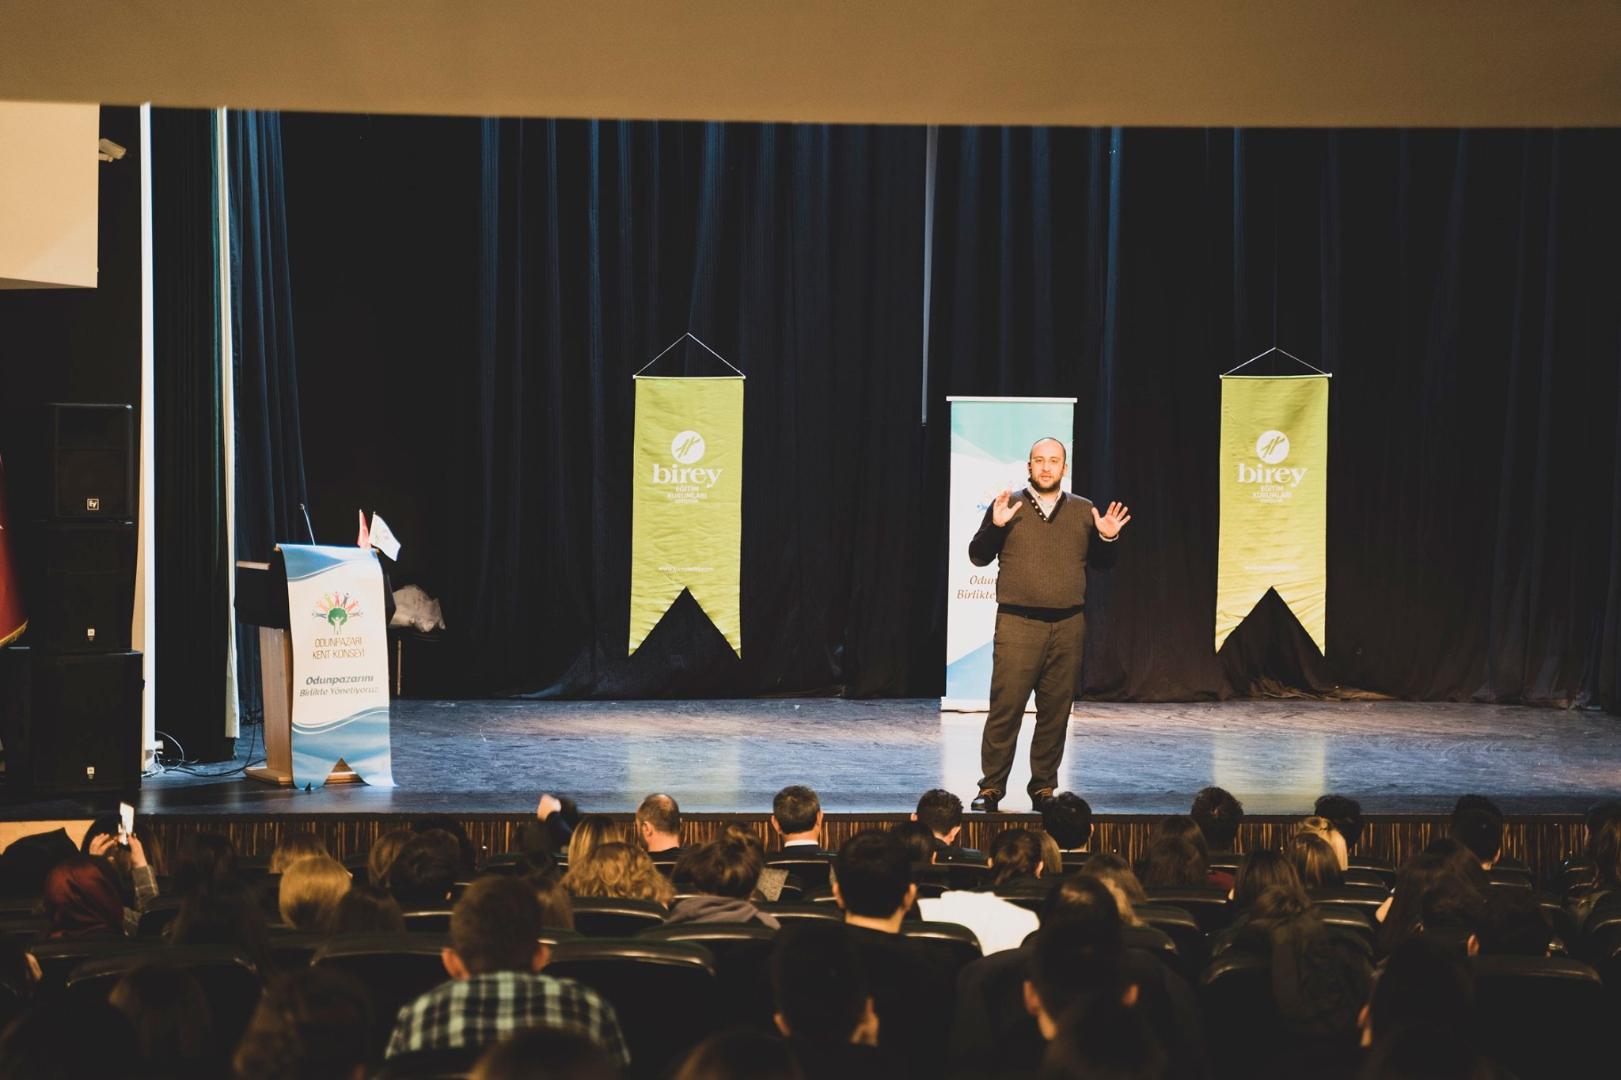 Blog | Birey | Gençlik, Gelecek, Eğitim Yoğun İlgi Gördü